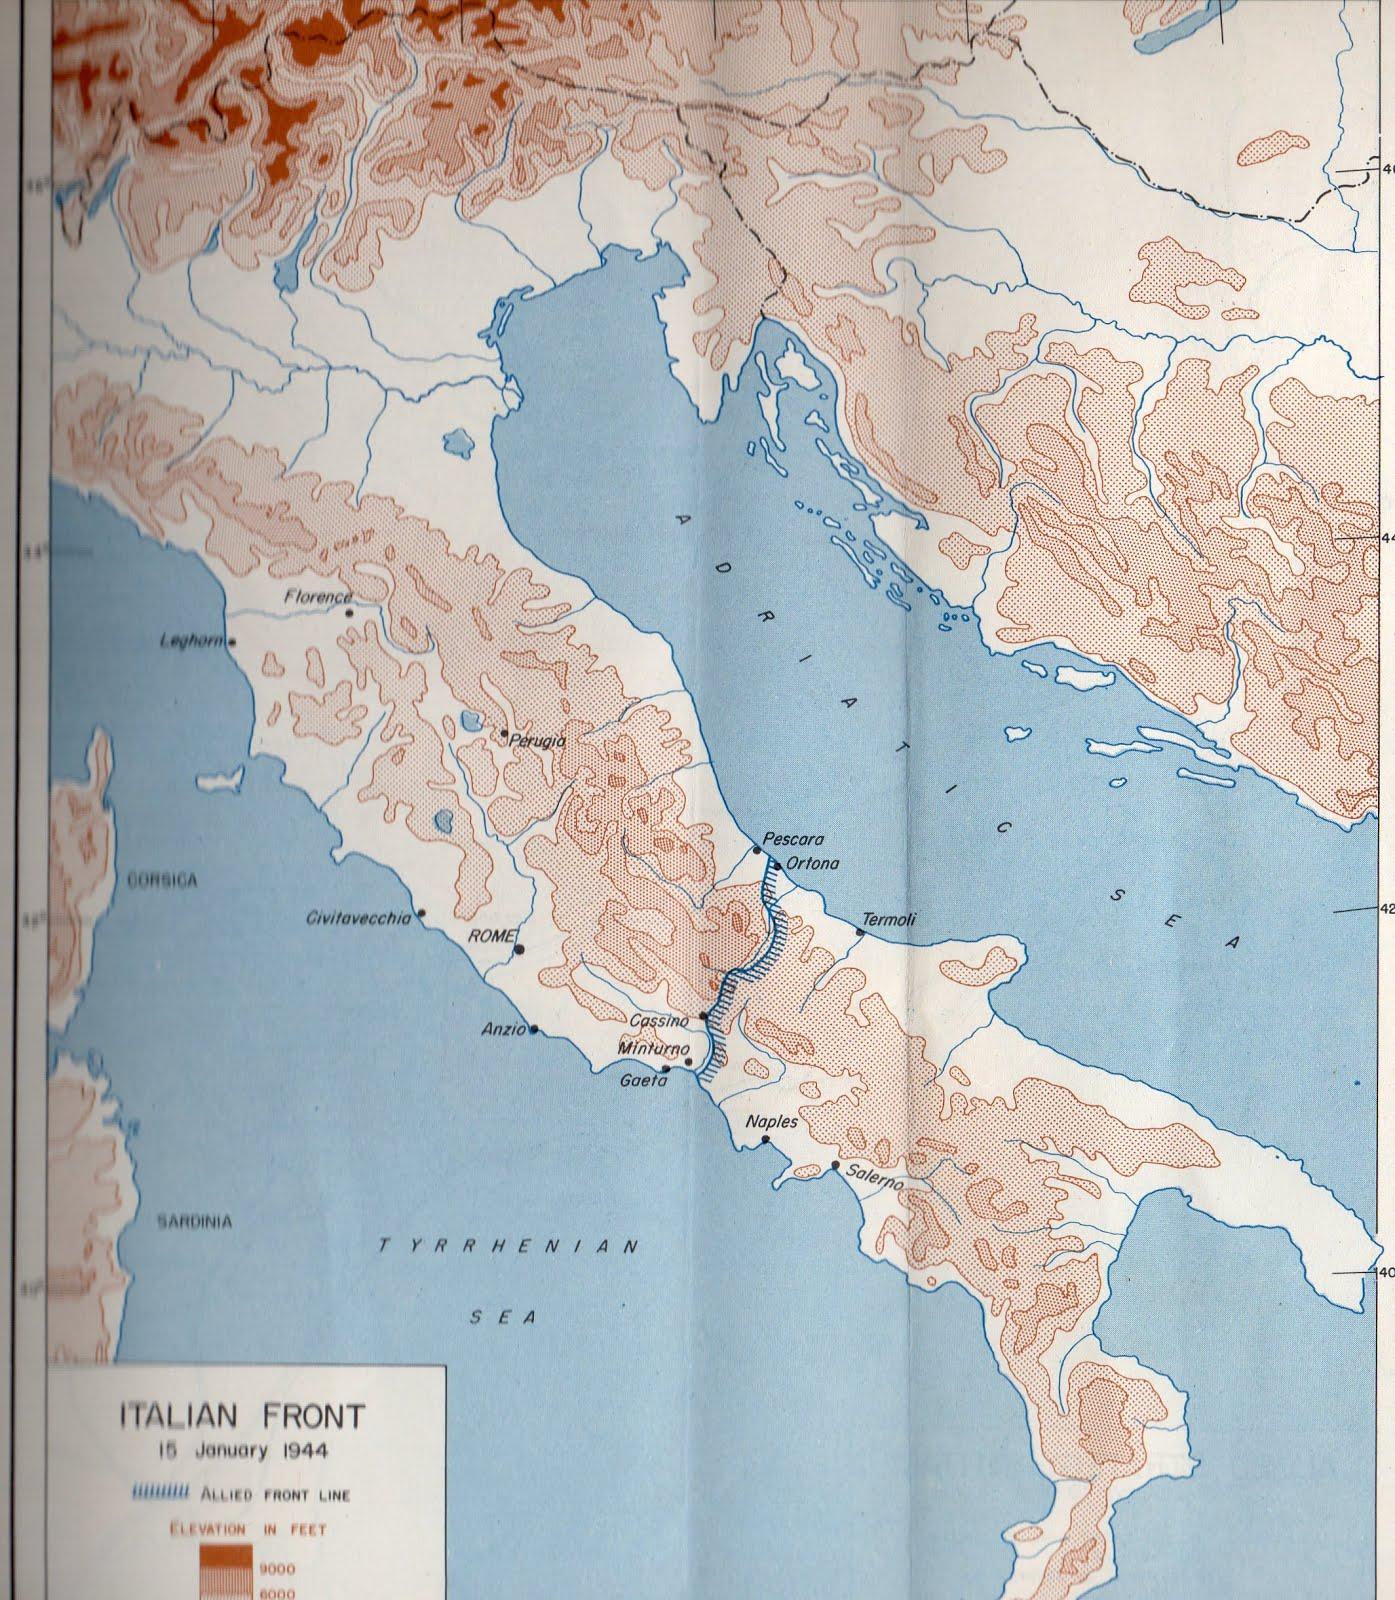 Dizionario Compendio 1945